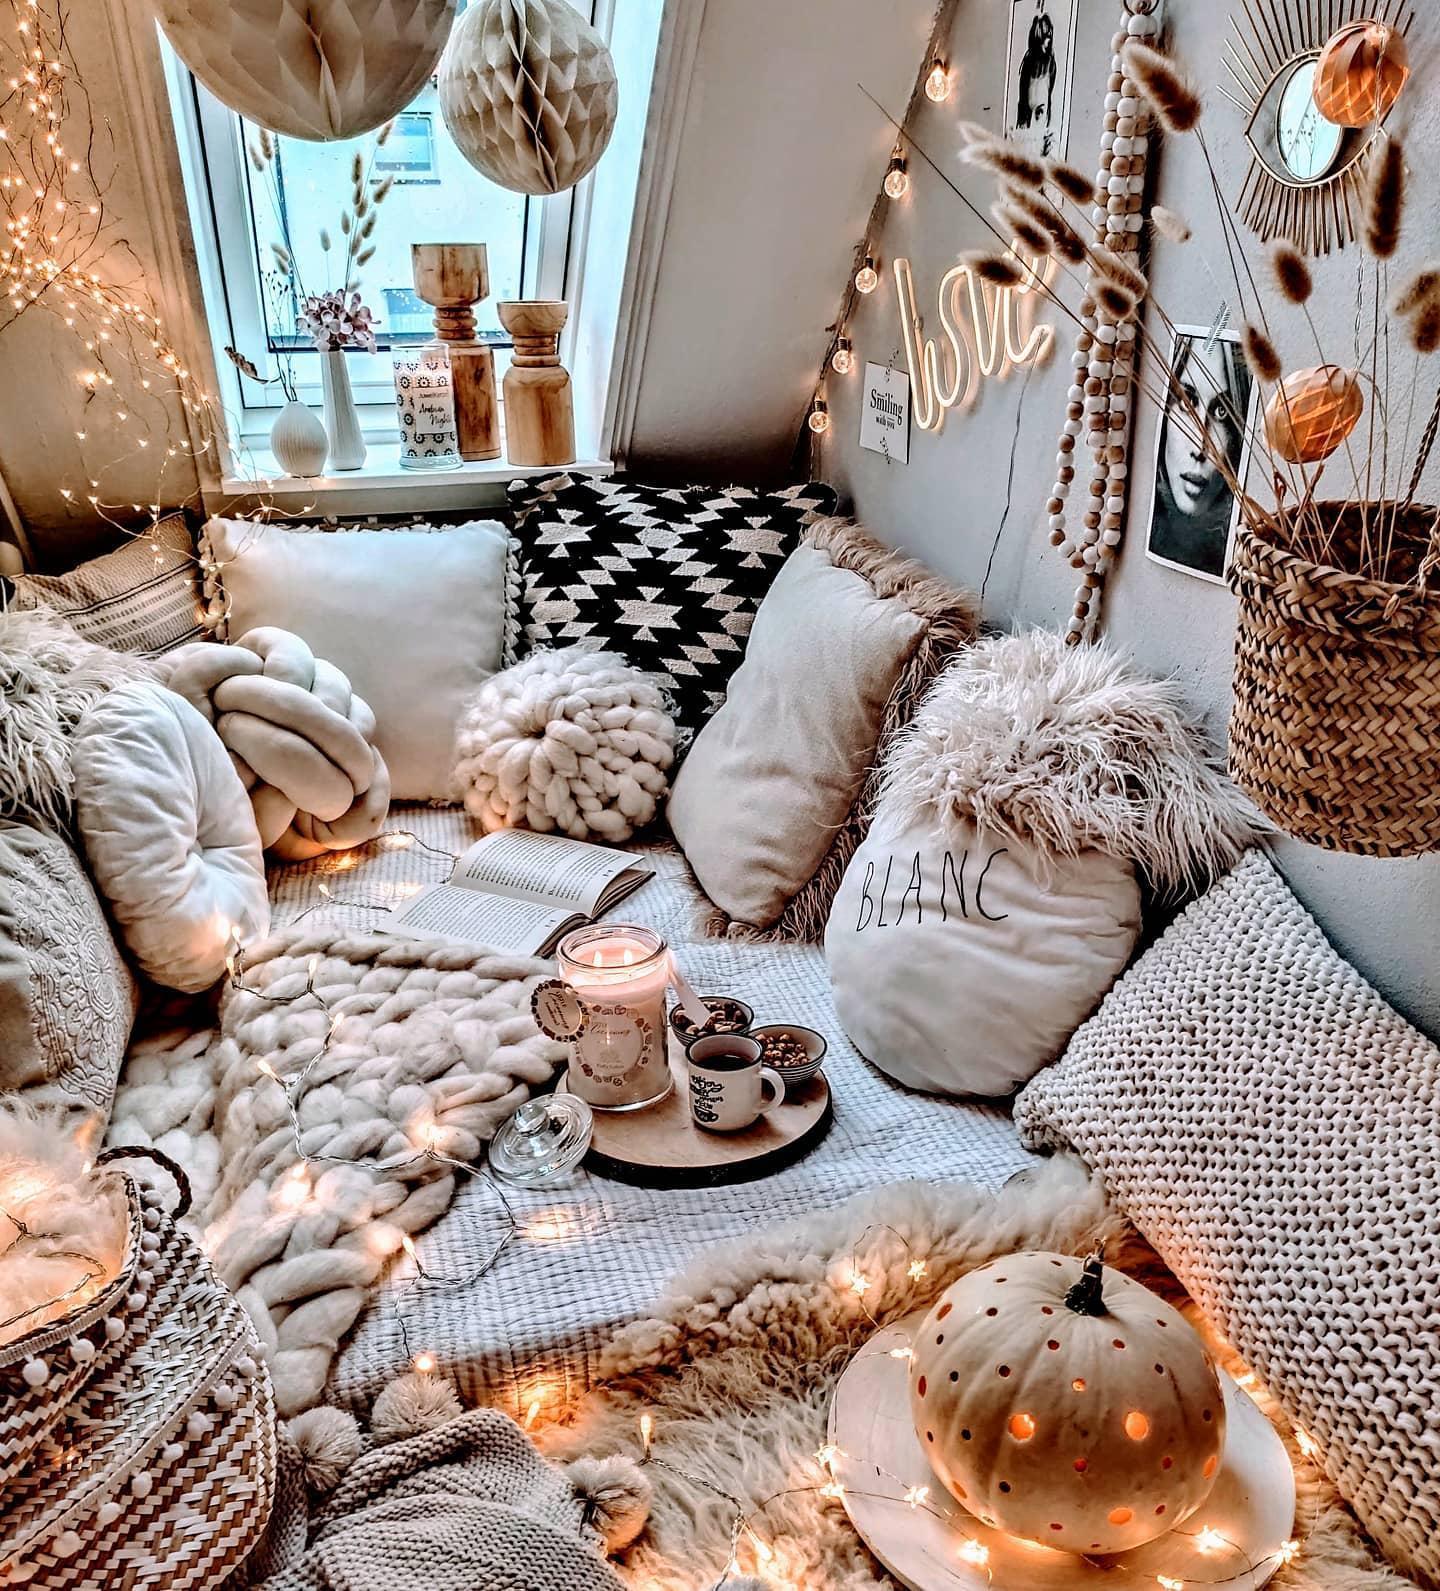 Prztulne jesienne wnętrze w stylu boho z licznymi poduszkami i lampkami